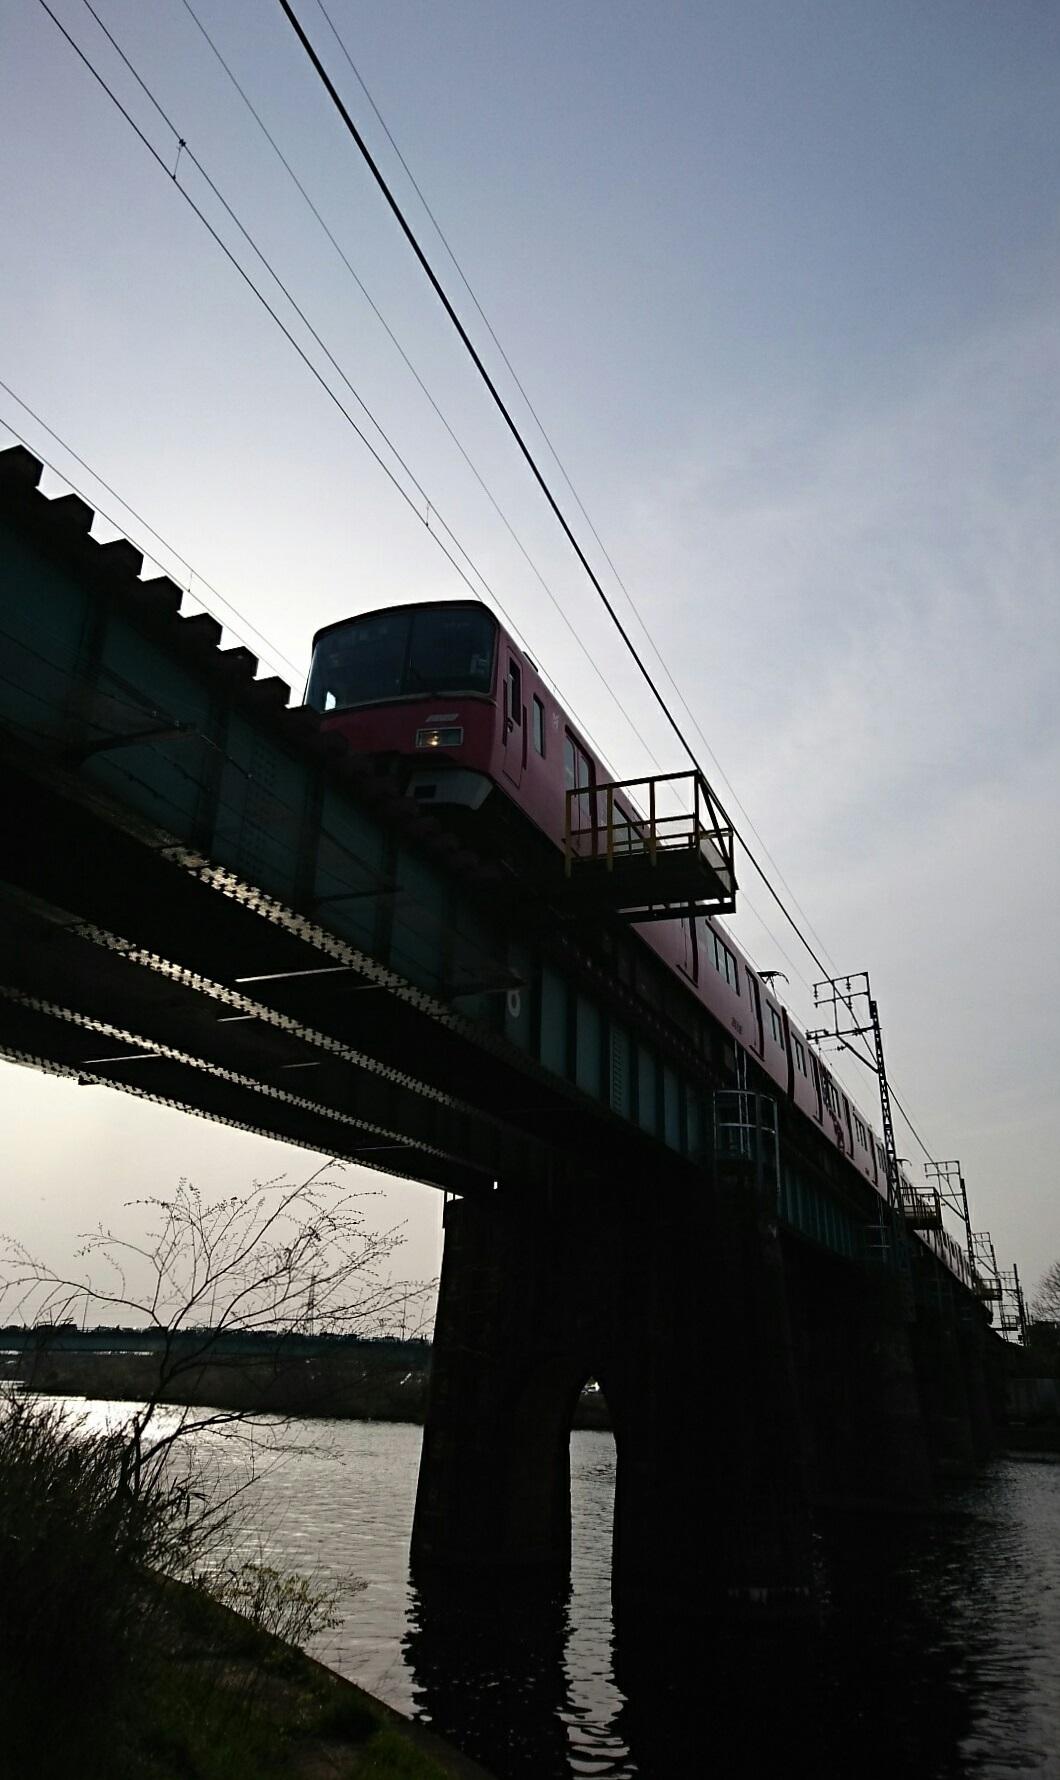 2018.4.1 東岡崎 (20) 菅生川鉄橋 - 豊橋いき急行 1060-1780